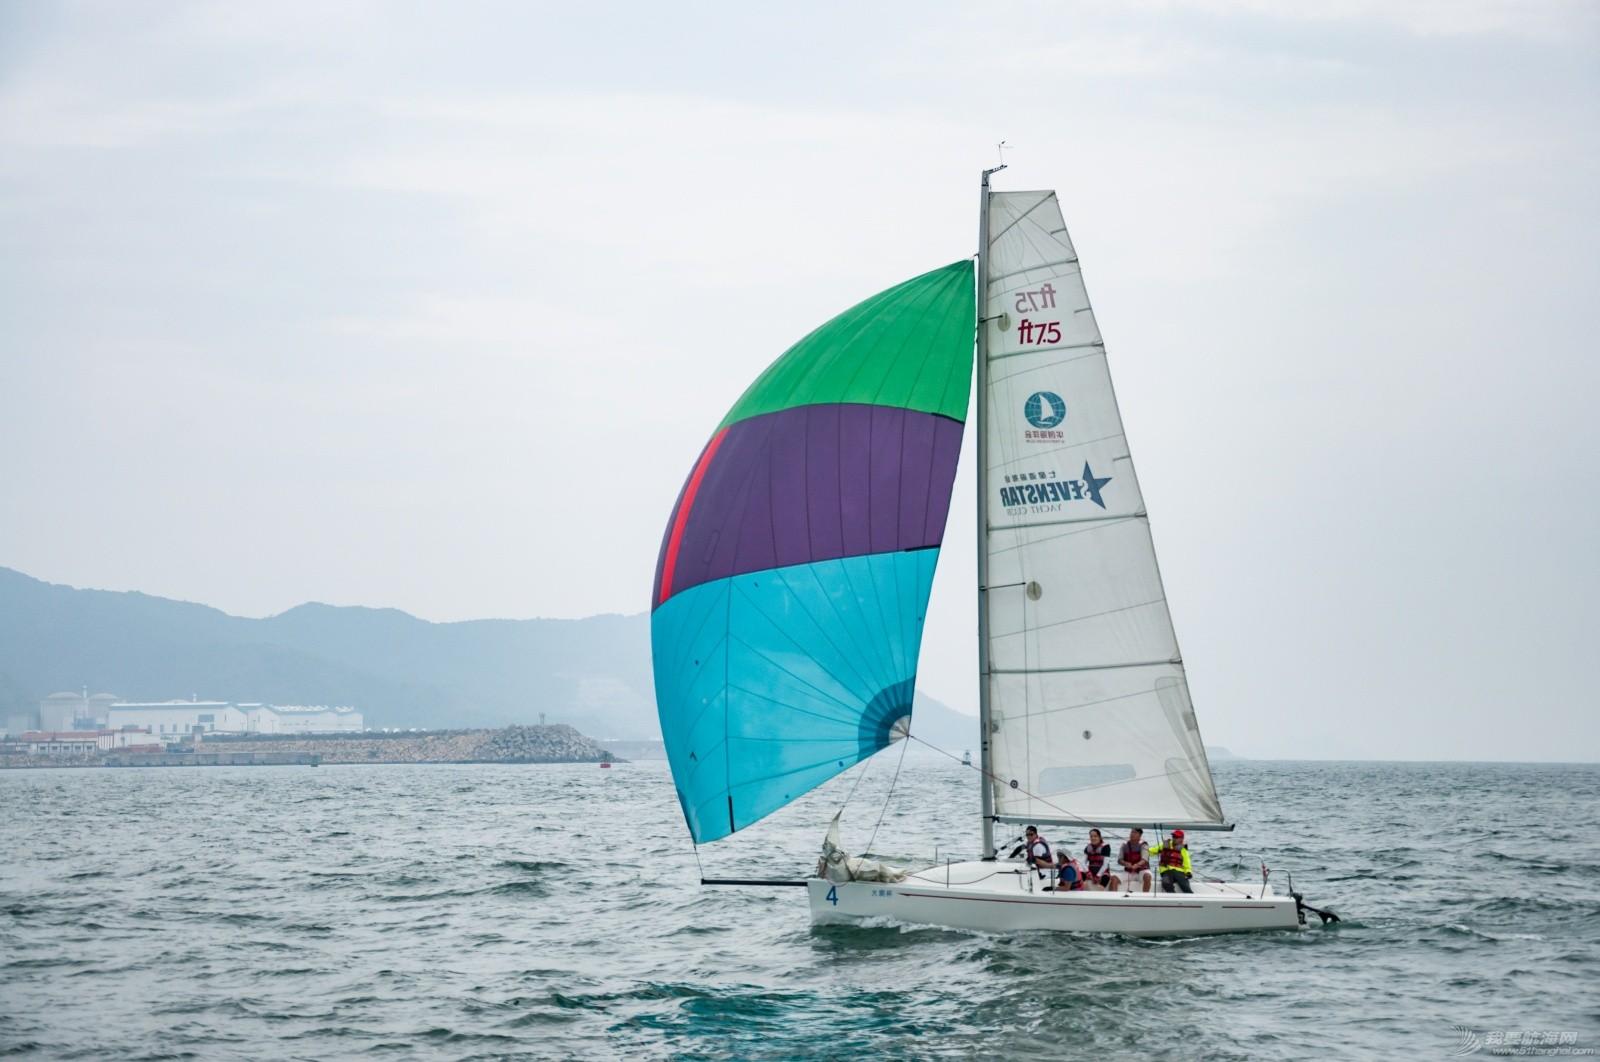 【2015大鹏杯帆船赛】51航海网船队在比赛中 s003.jpg